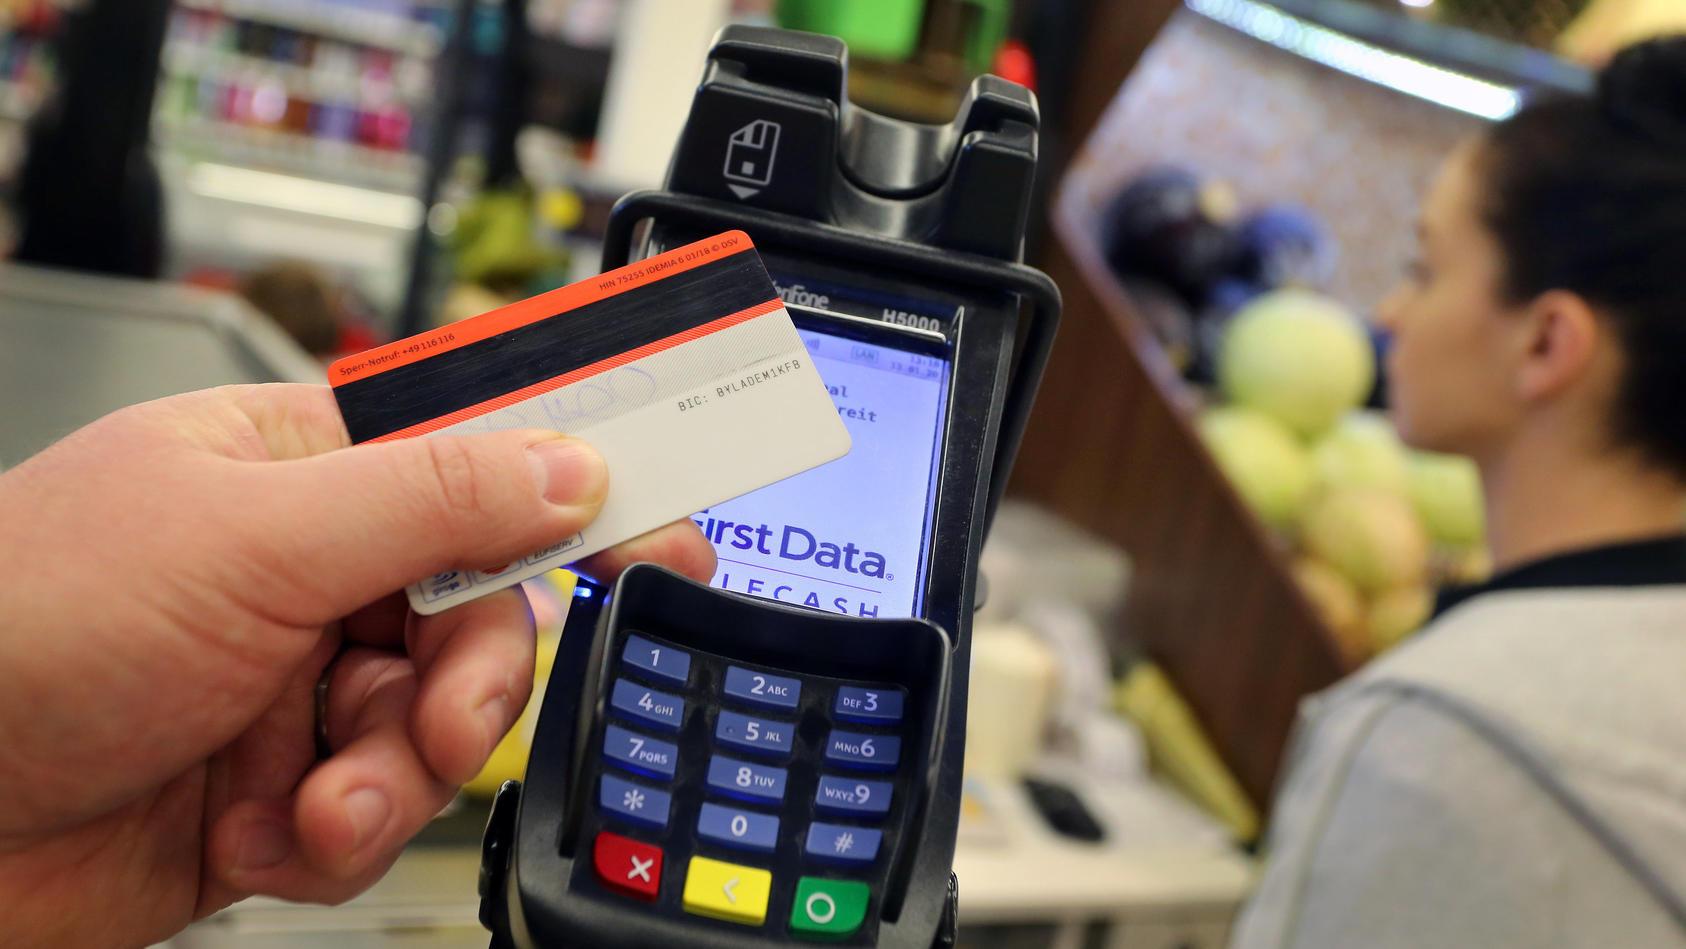 Verbraucher zahlen in Corona-Krise häufiger kontaktlos